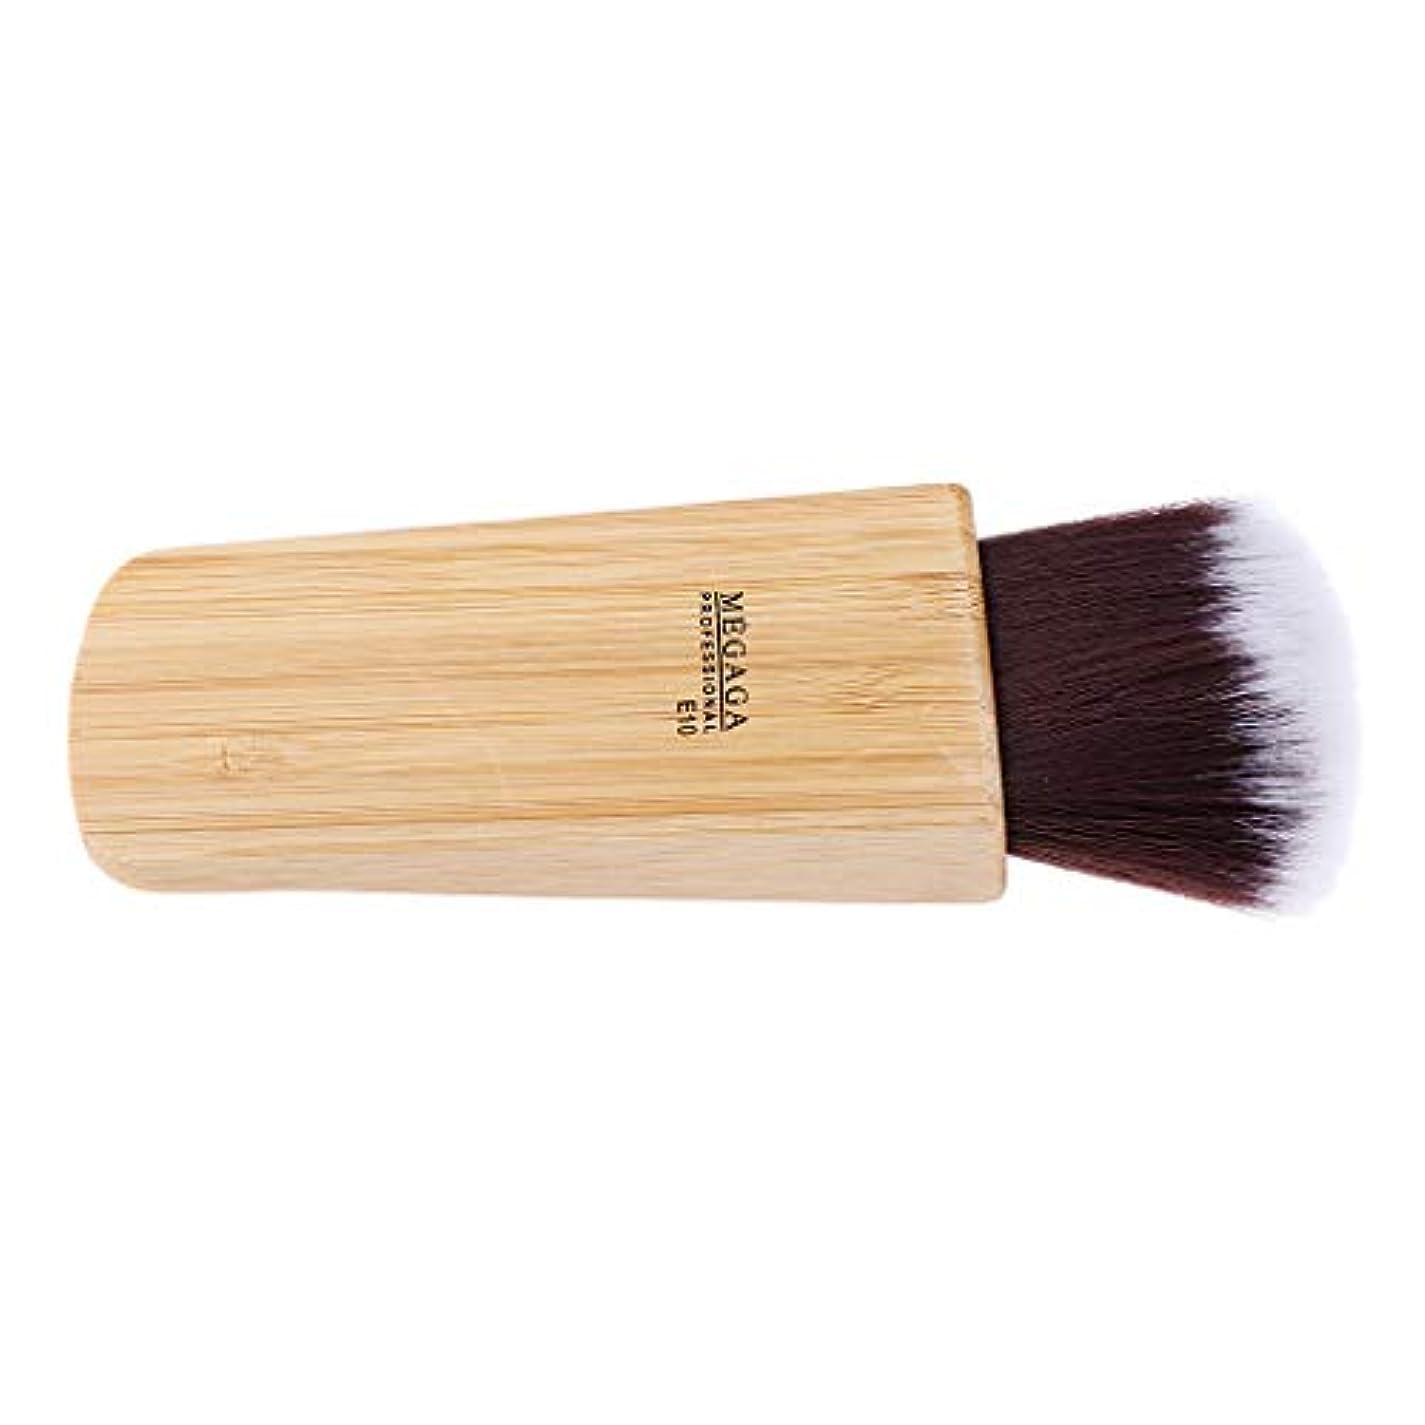 前書きスプーンゴシップネックダスターブラシ ヘアカット ブラシ ネックダスター 洗浄 ヘアブラシ 理髪美容ツール